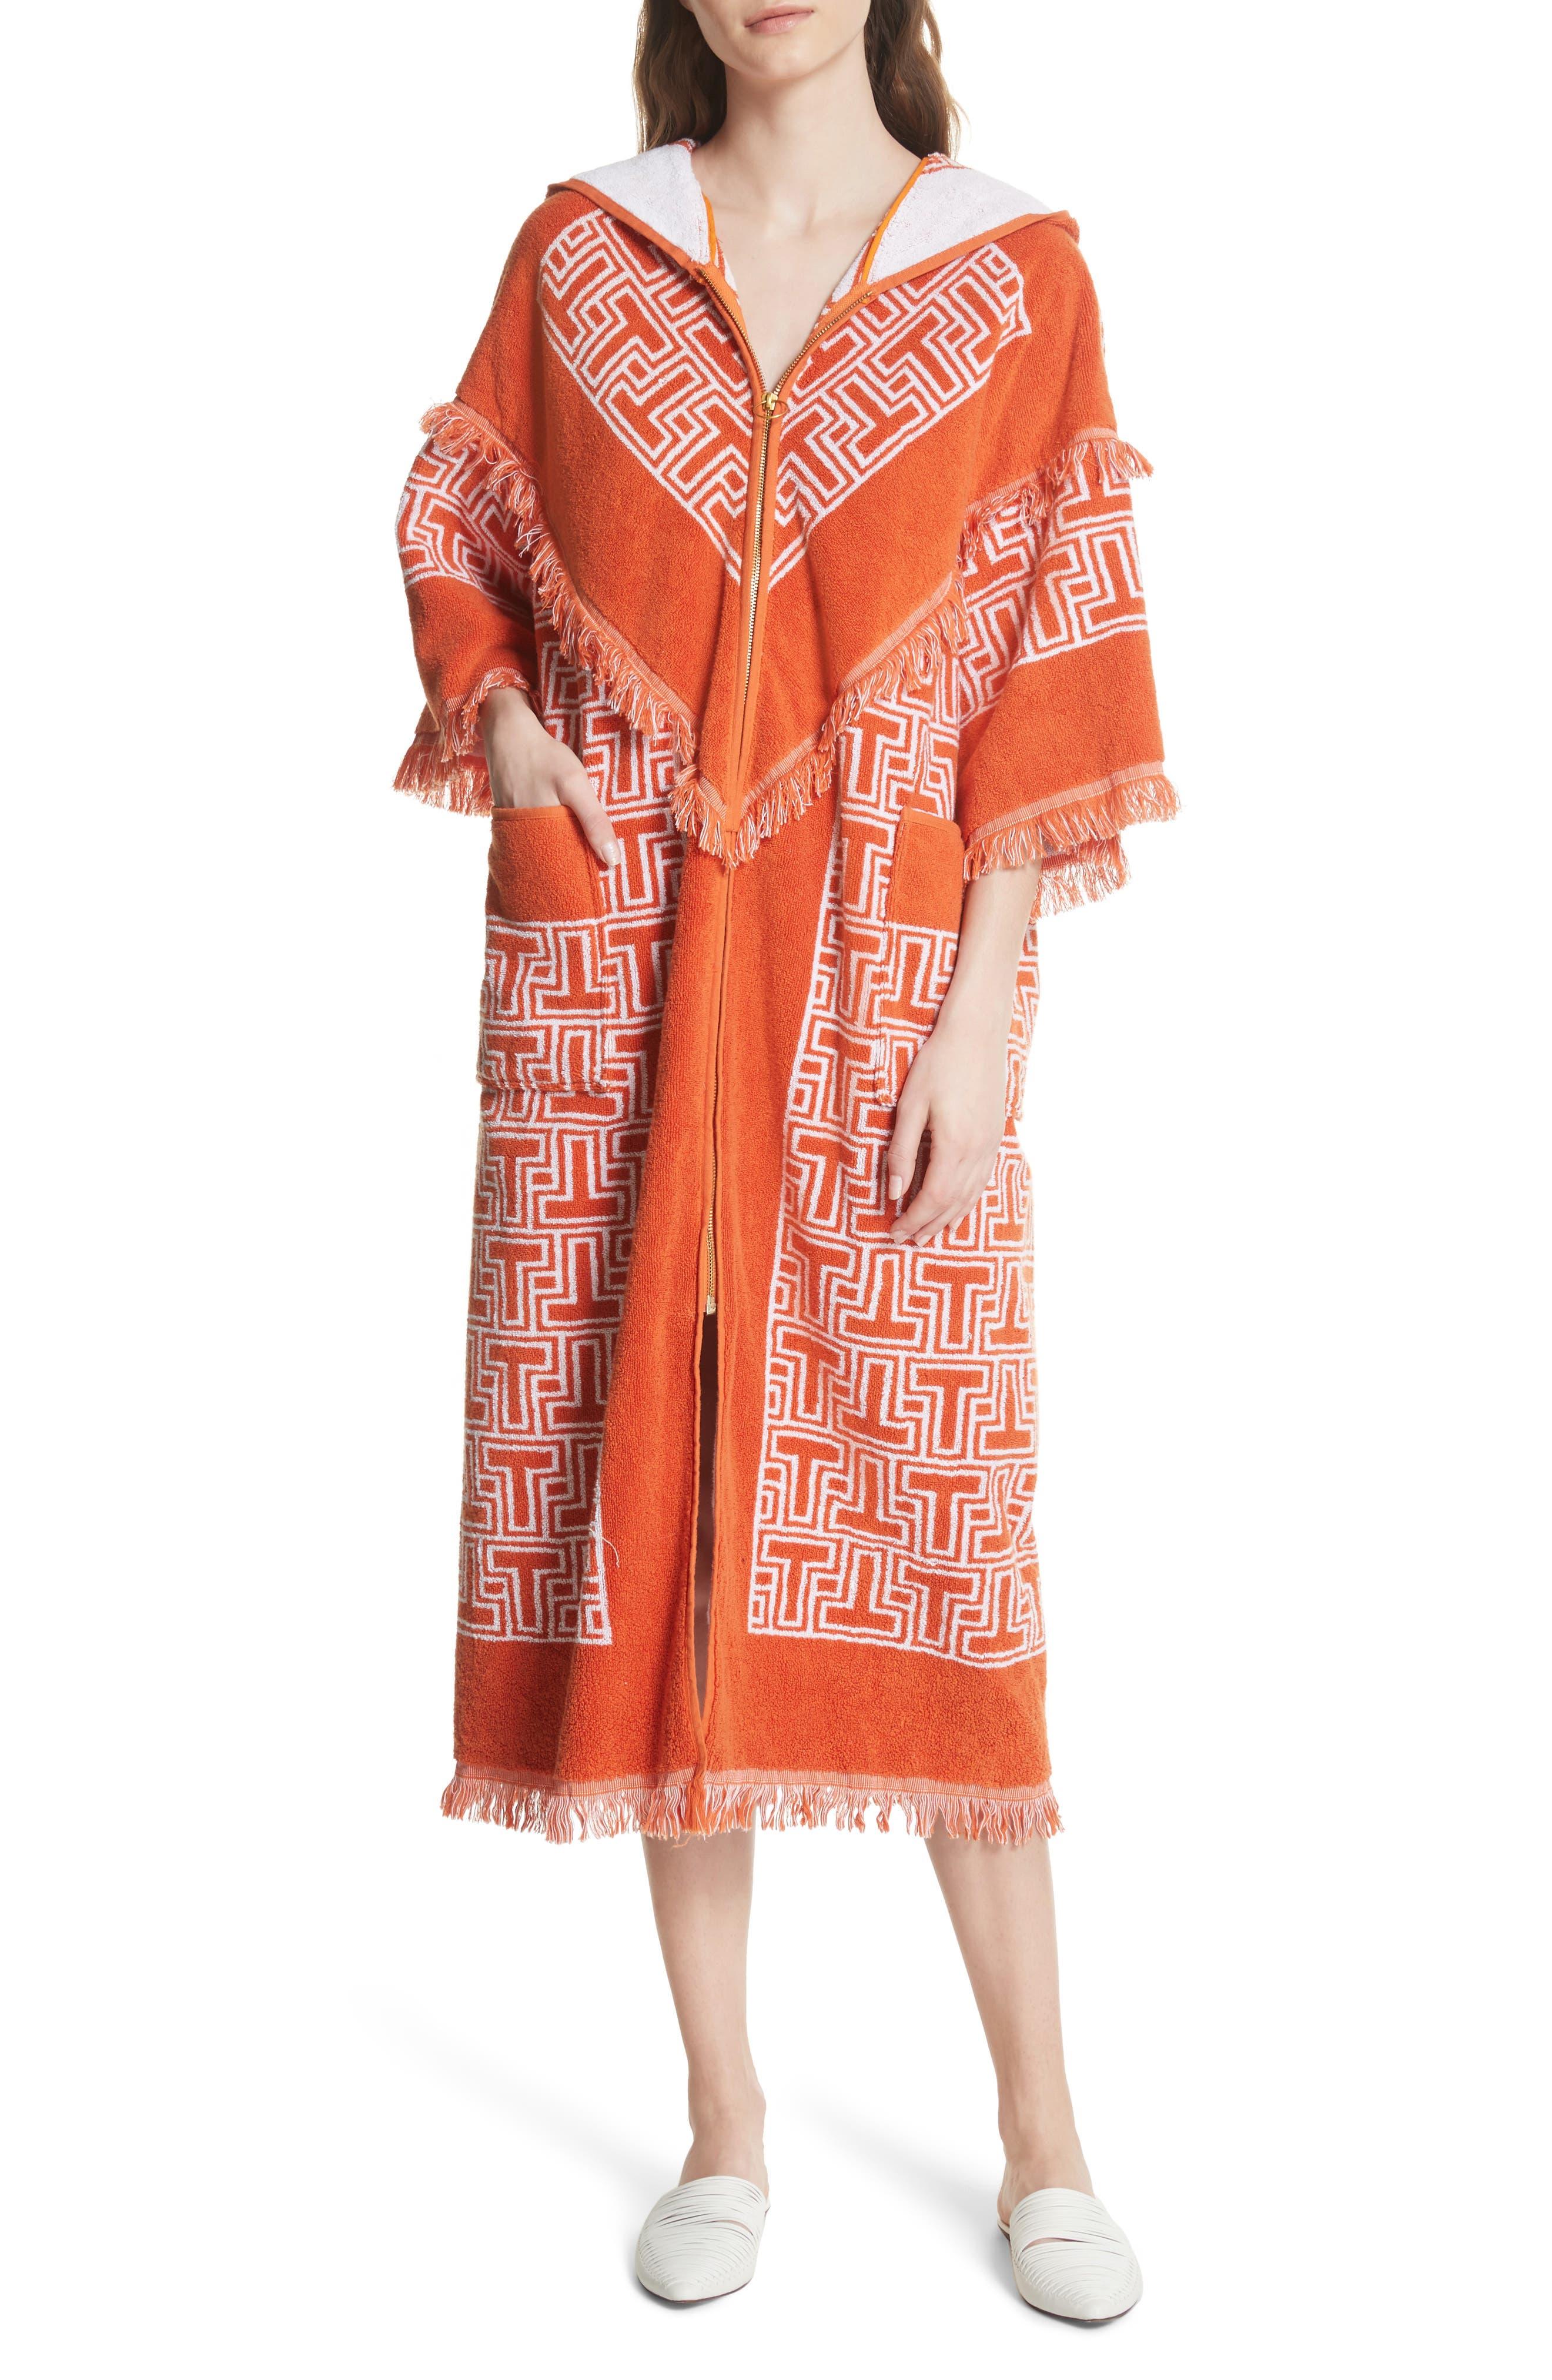 Tile T Terry Coat,                         Main,                         color, Orange Towel Jacquard